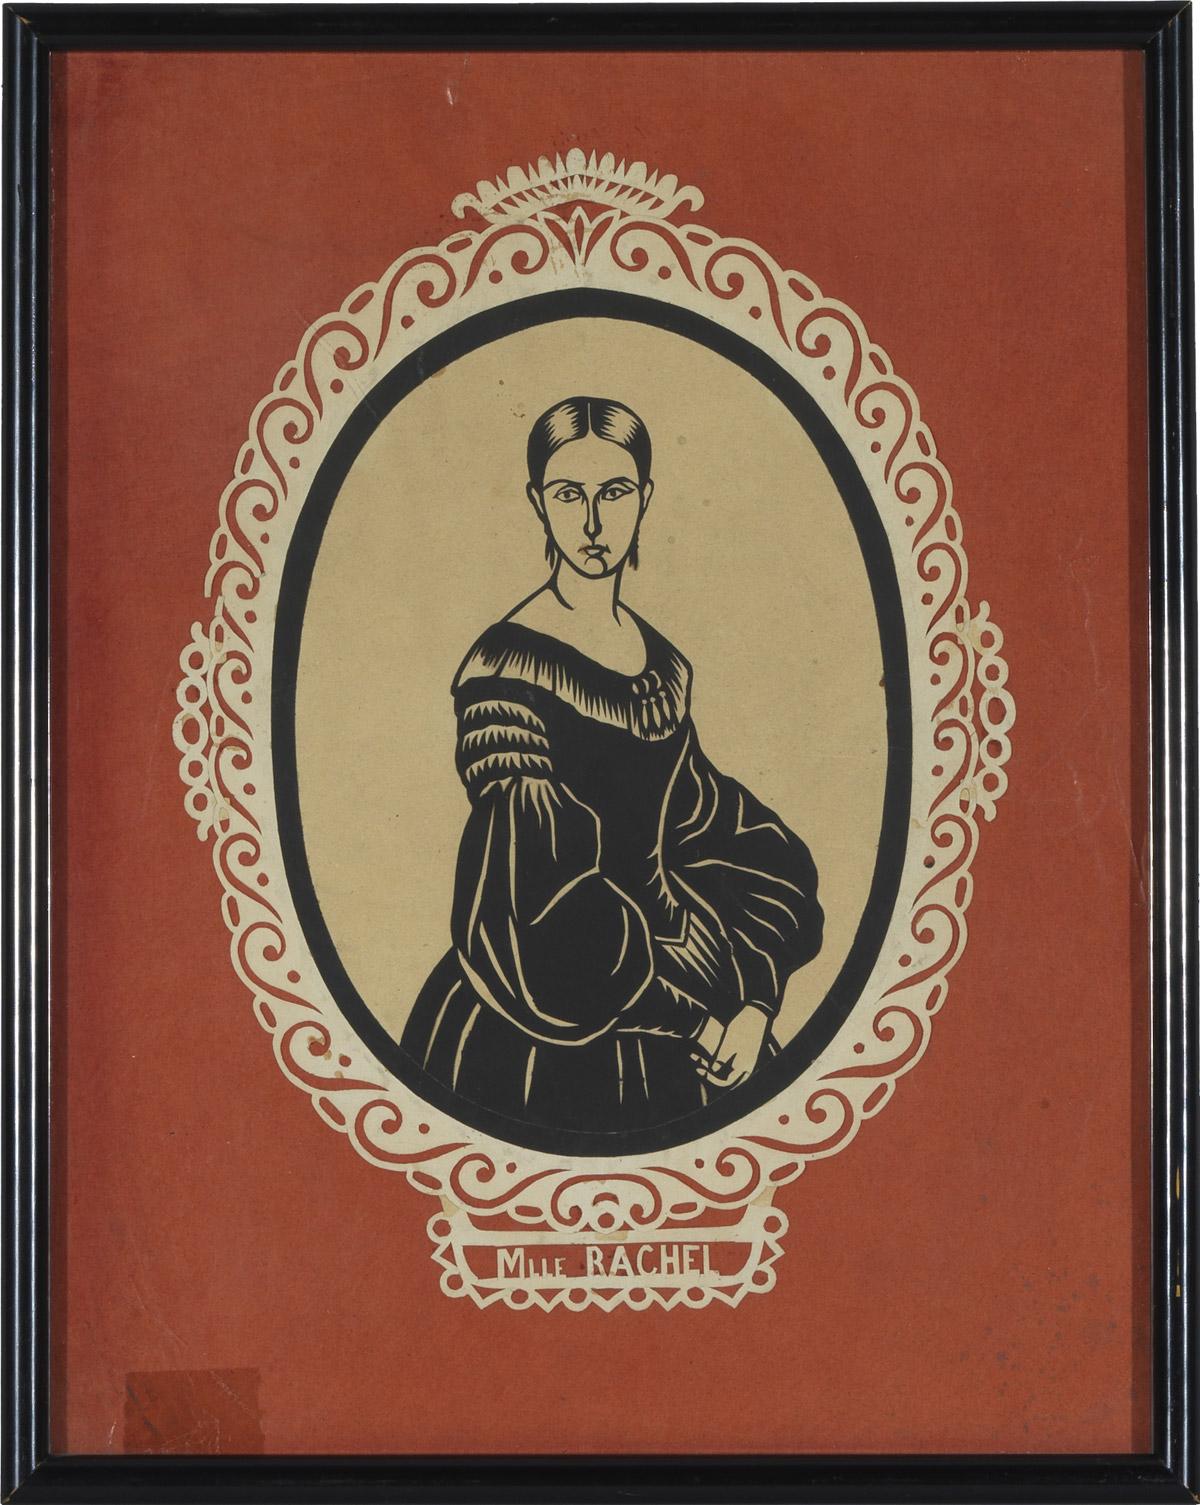 Canivet : Rachel - Patrimoine Charles-André COLONNA WALEWSKI, en ligne directe de Napoléon